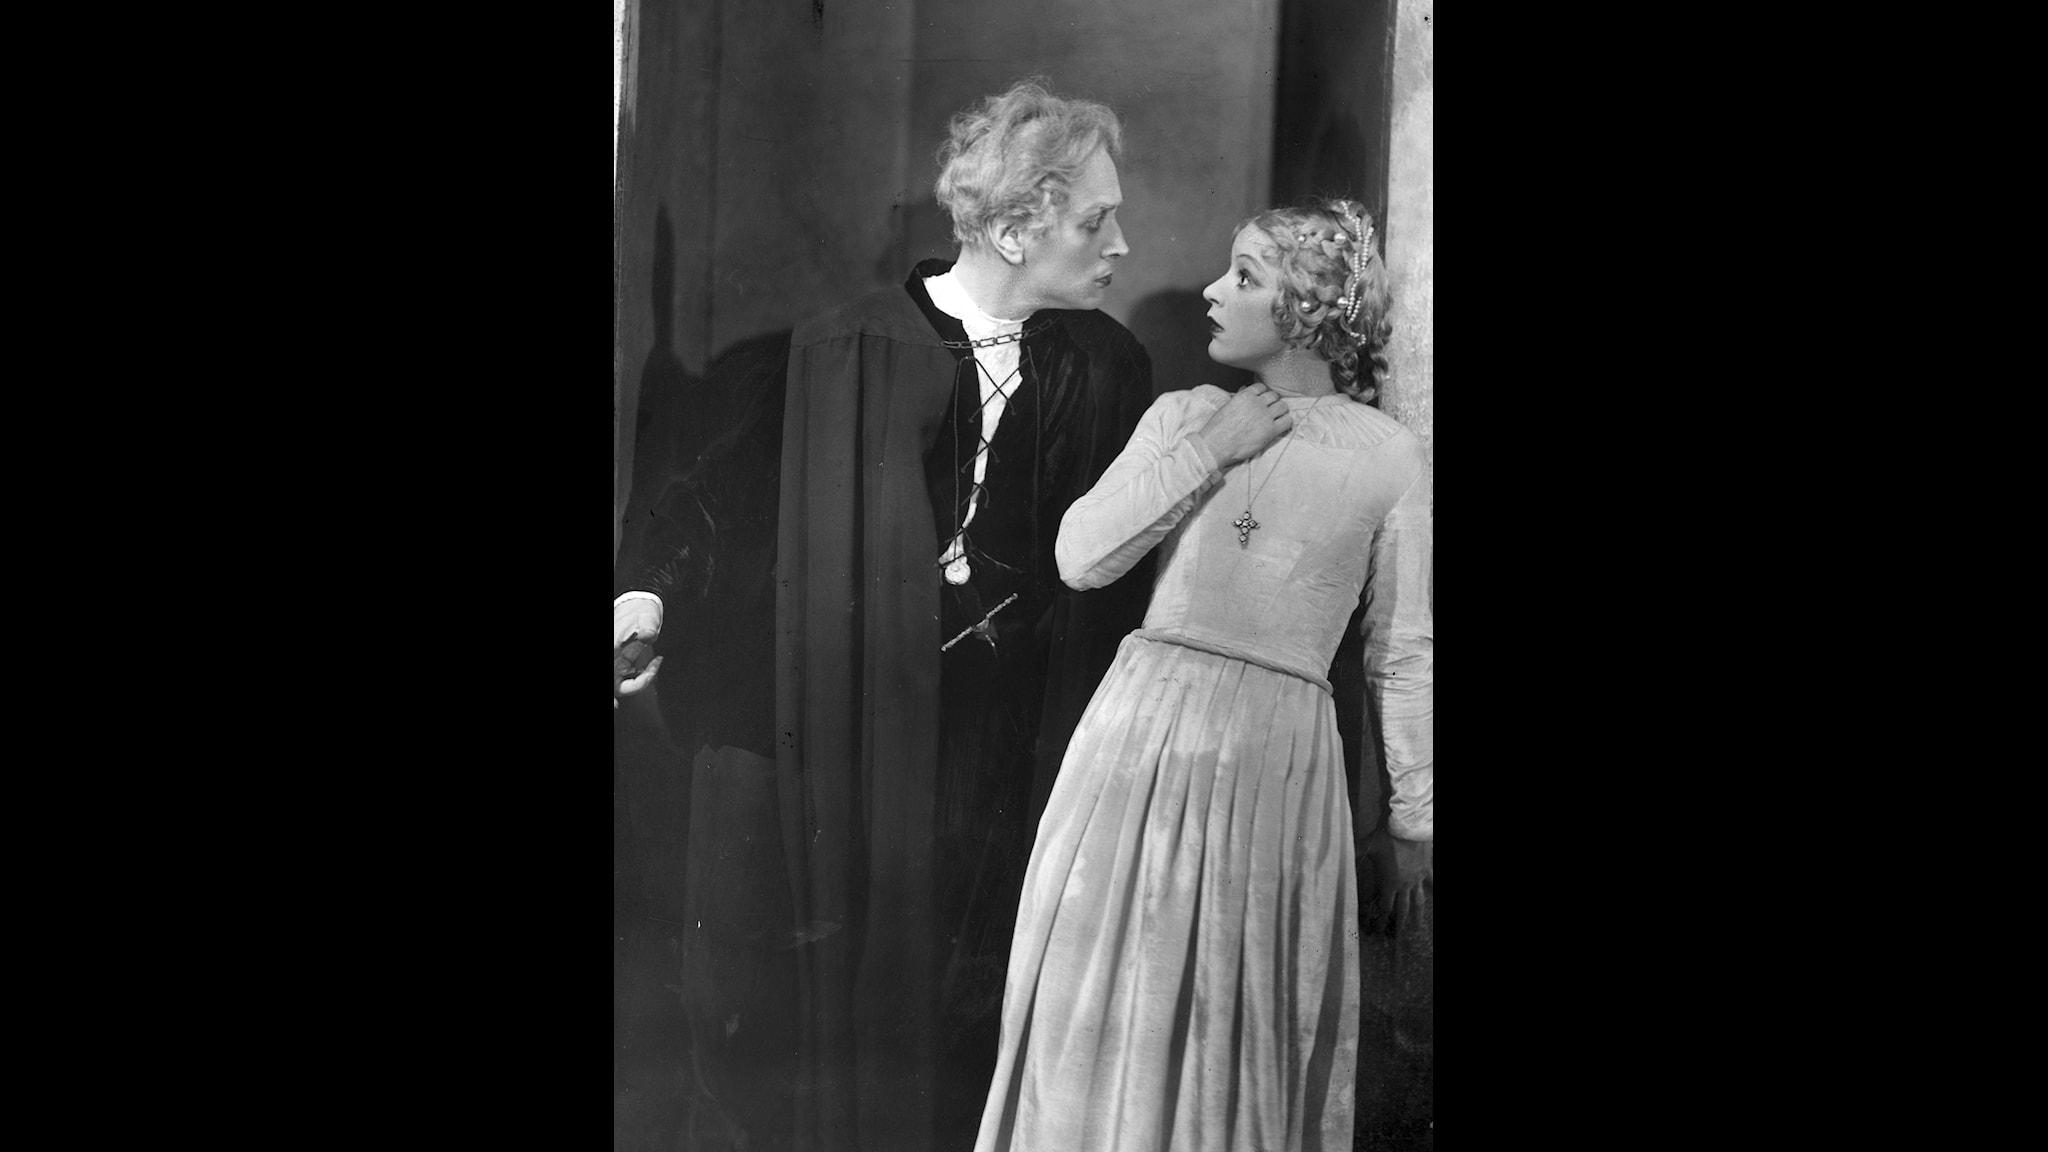 """Gösta Ekman gör succé i """"Hamlet"""" i januari 1934 på Vasateatern i Stockholm. Som motspelerska har han Tutta Rolf som """"Ofelia"""""""